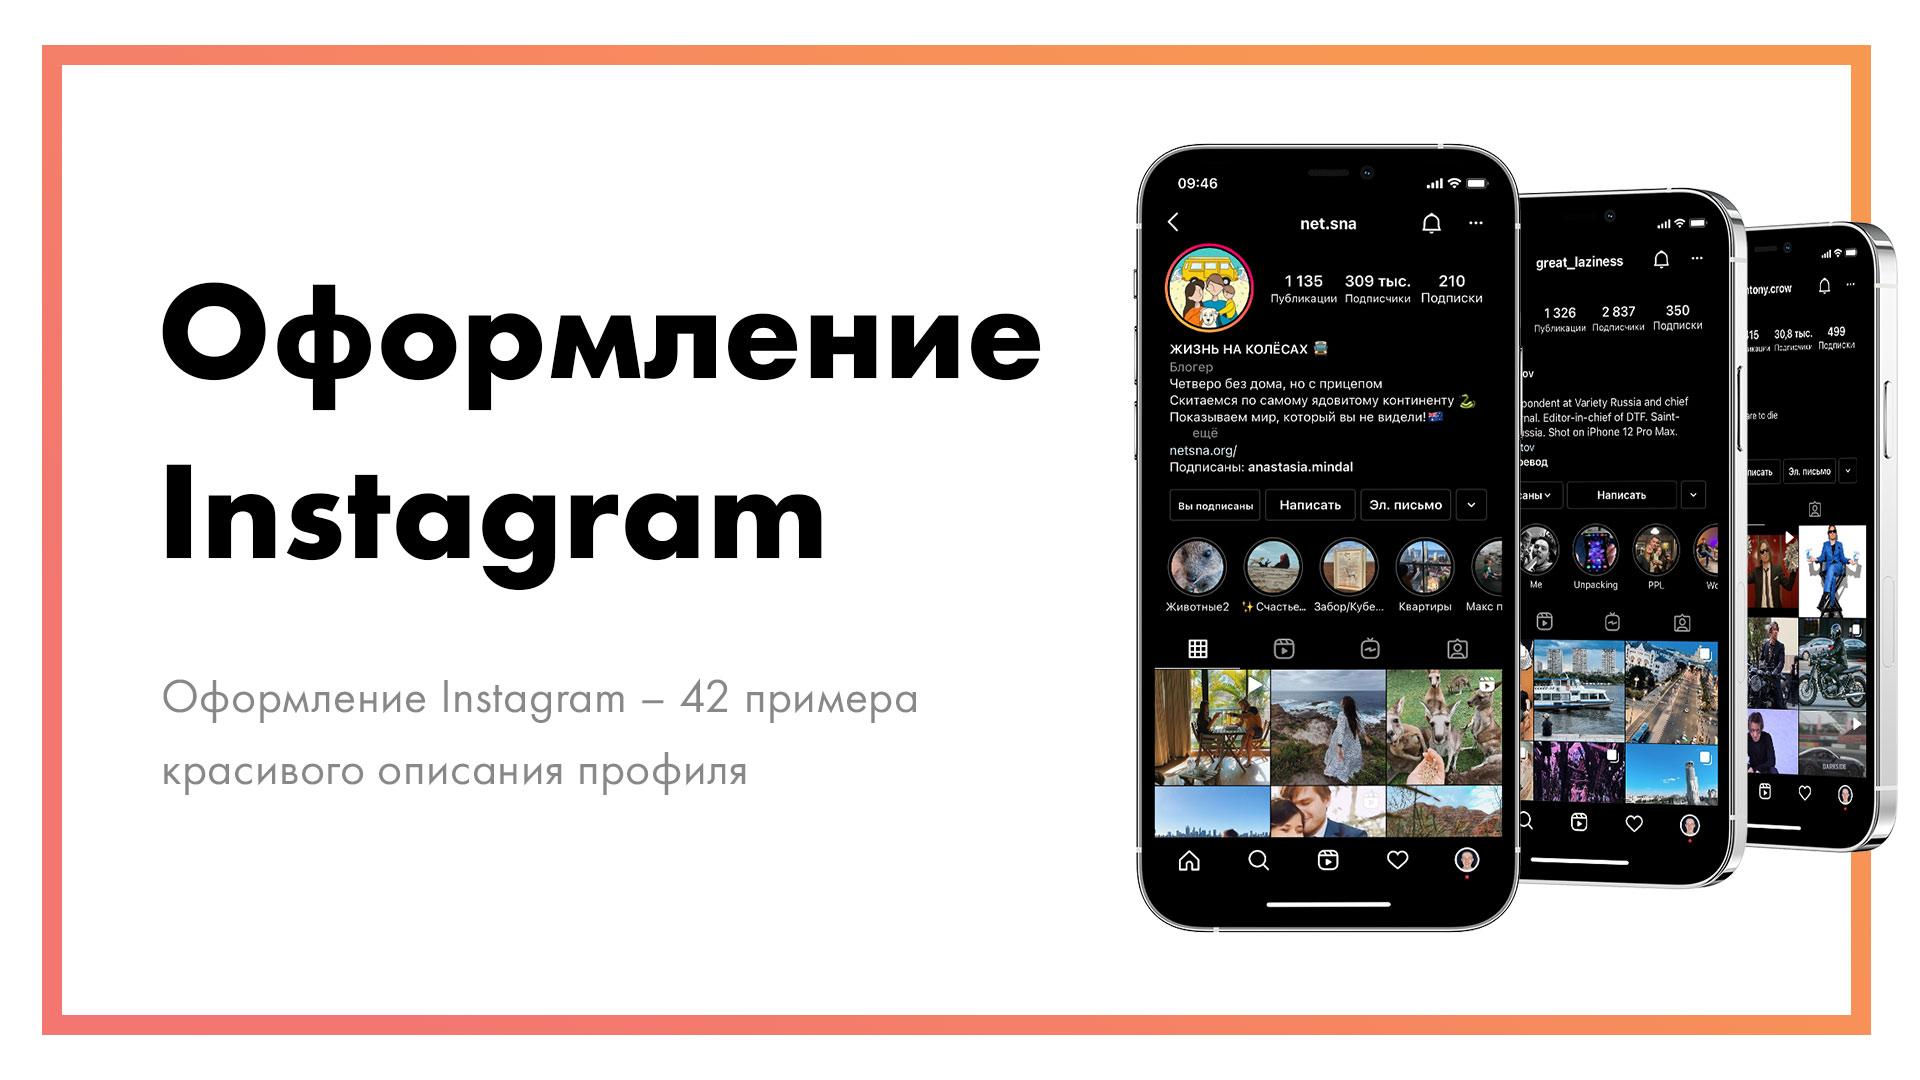 Оформление-Instagram-–-42-примера-красивого-описания-профиля.jpg